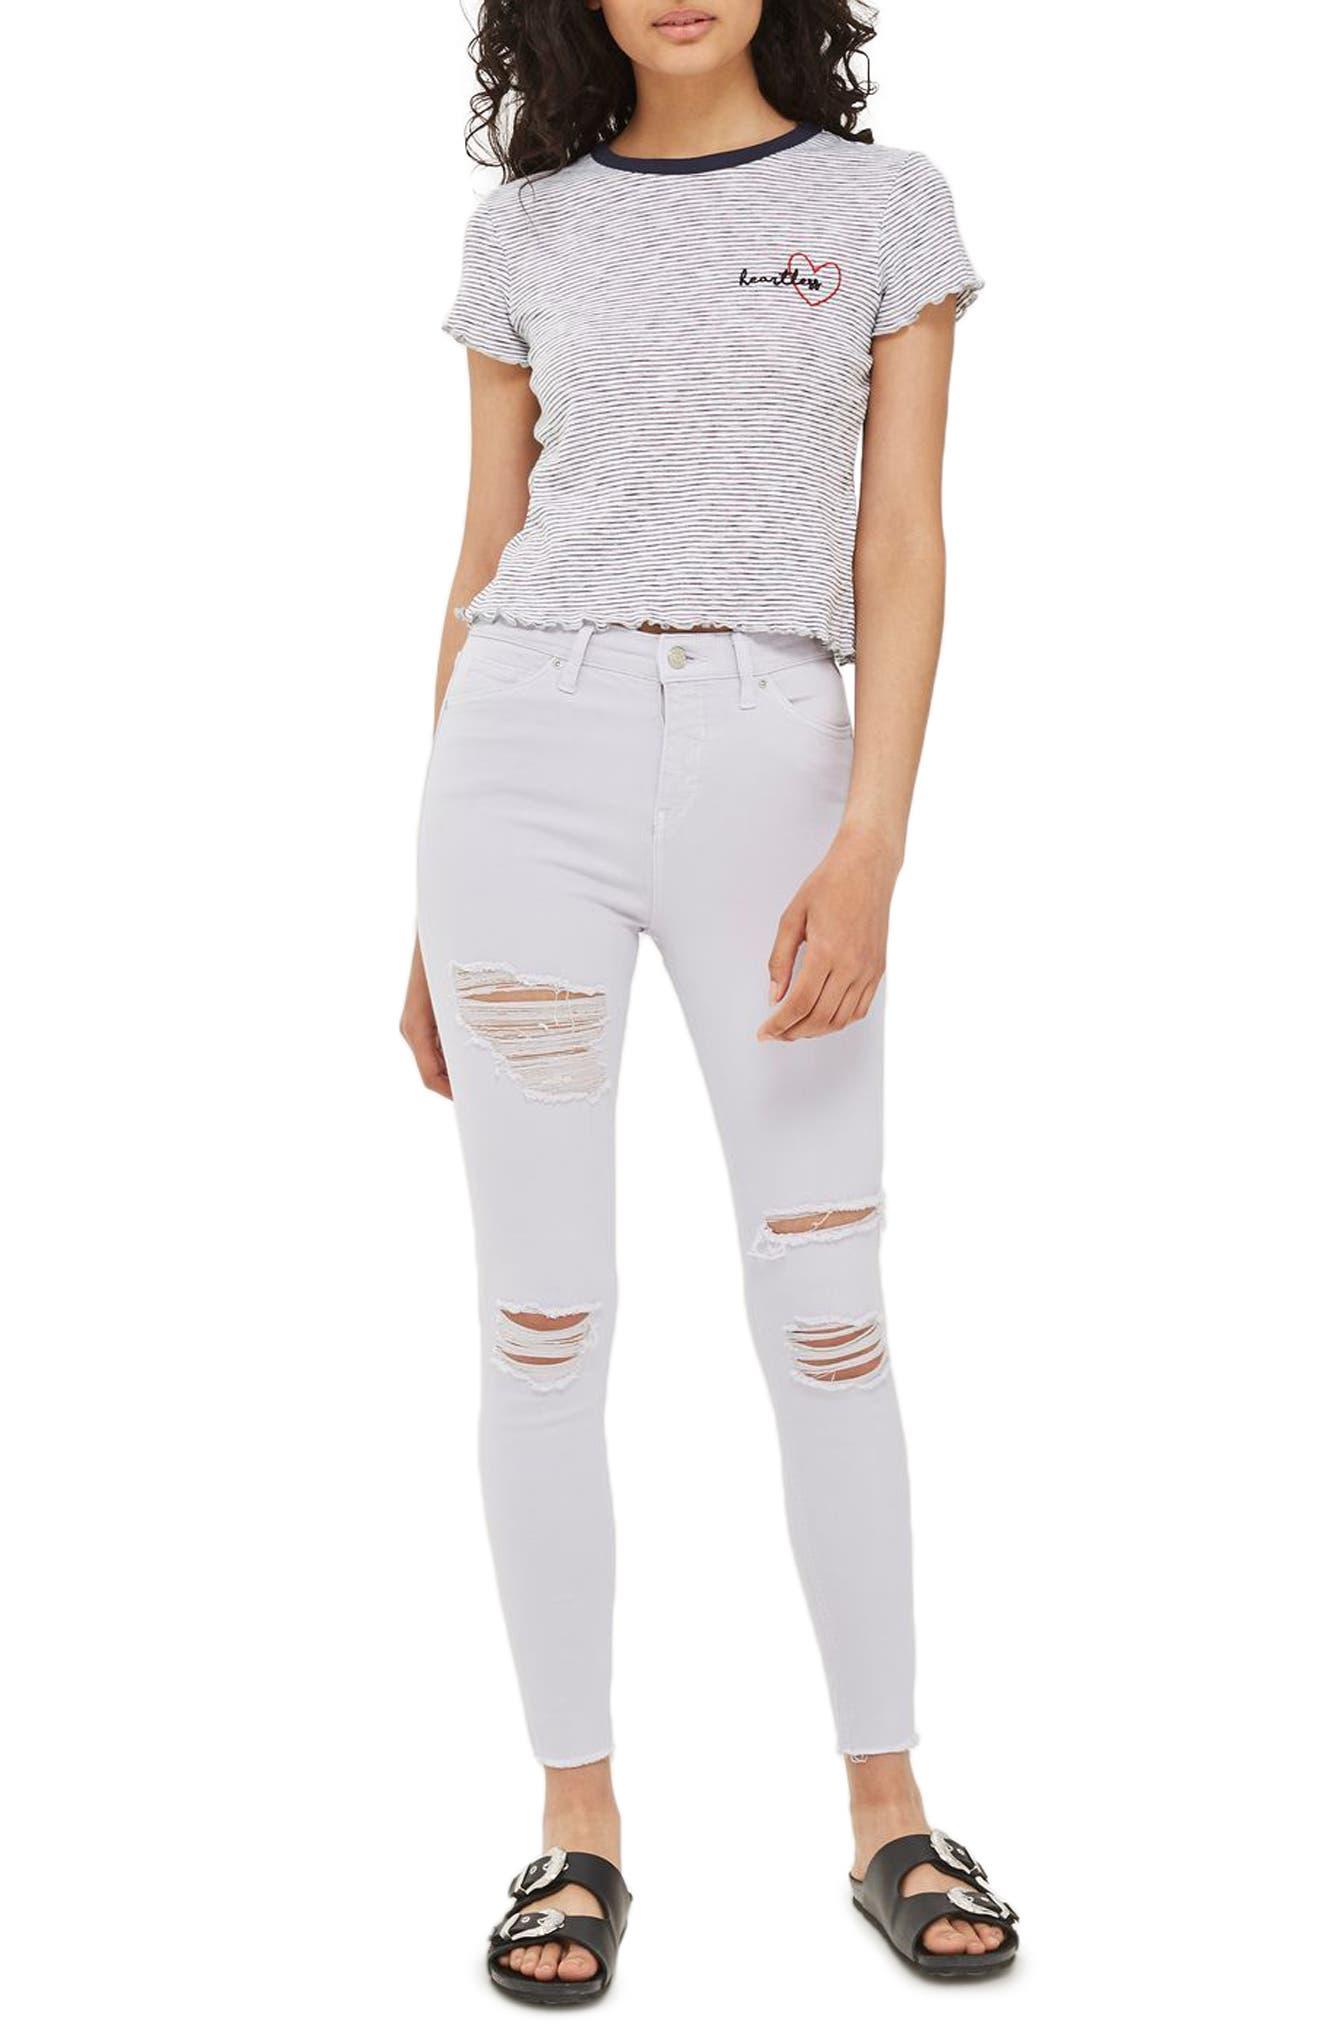 Topshop Jamie Ripped Crop Skinny Jeans